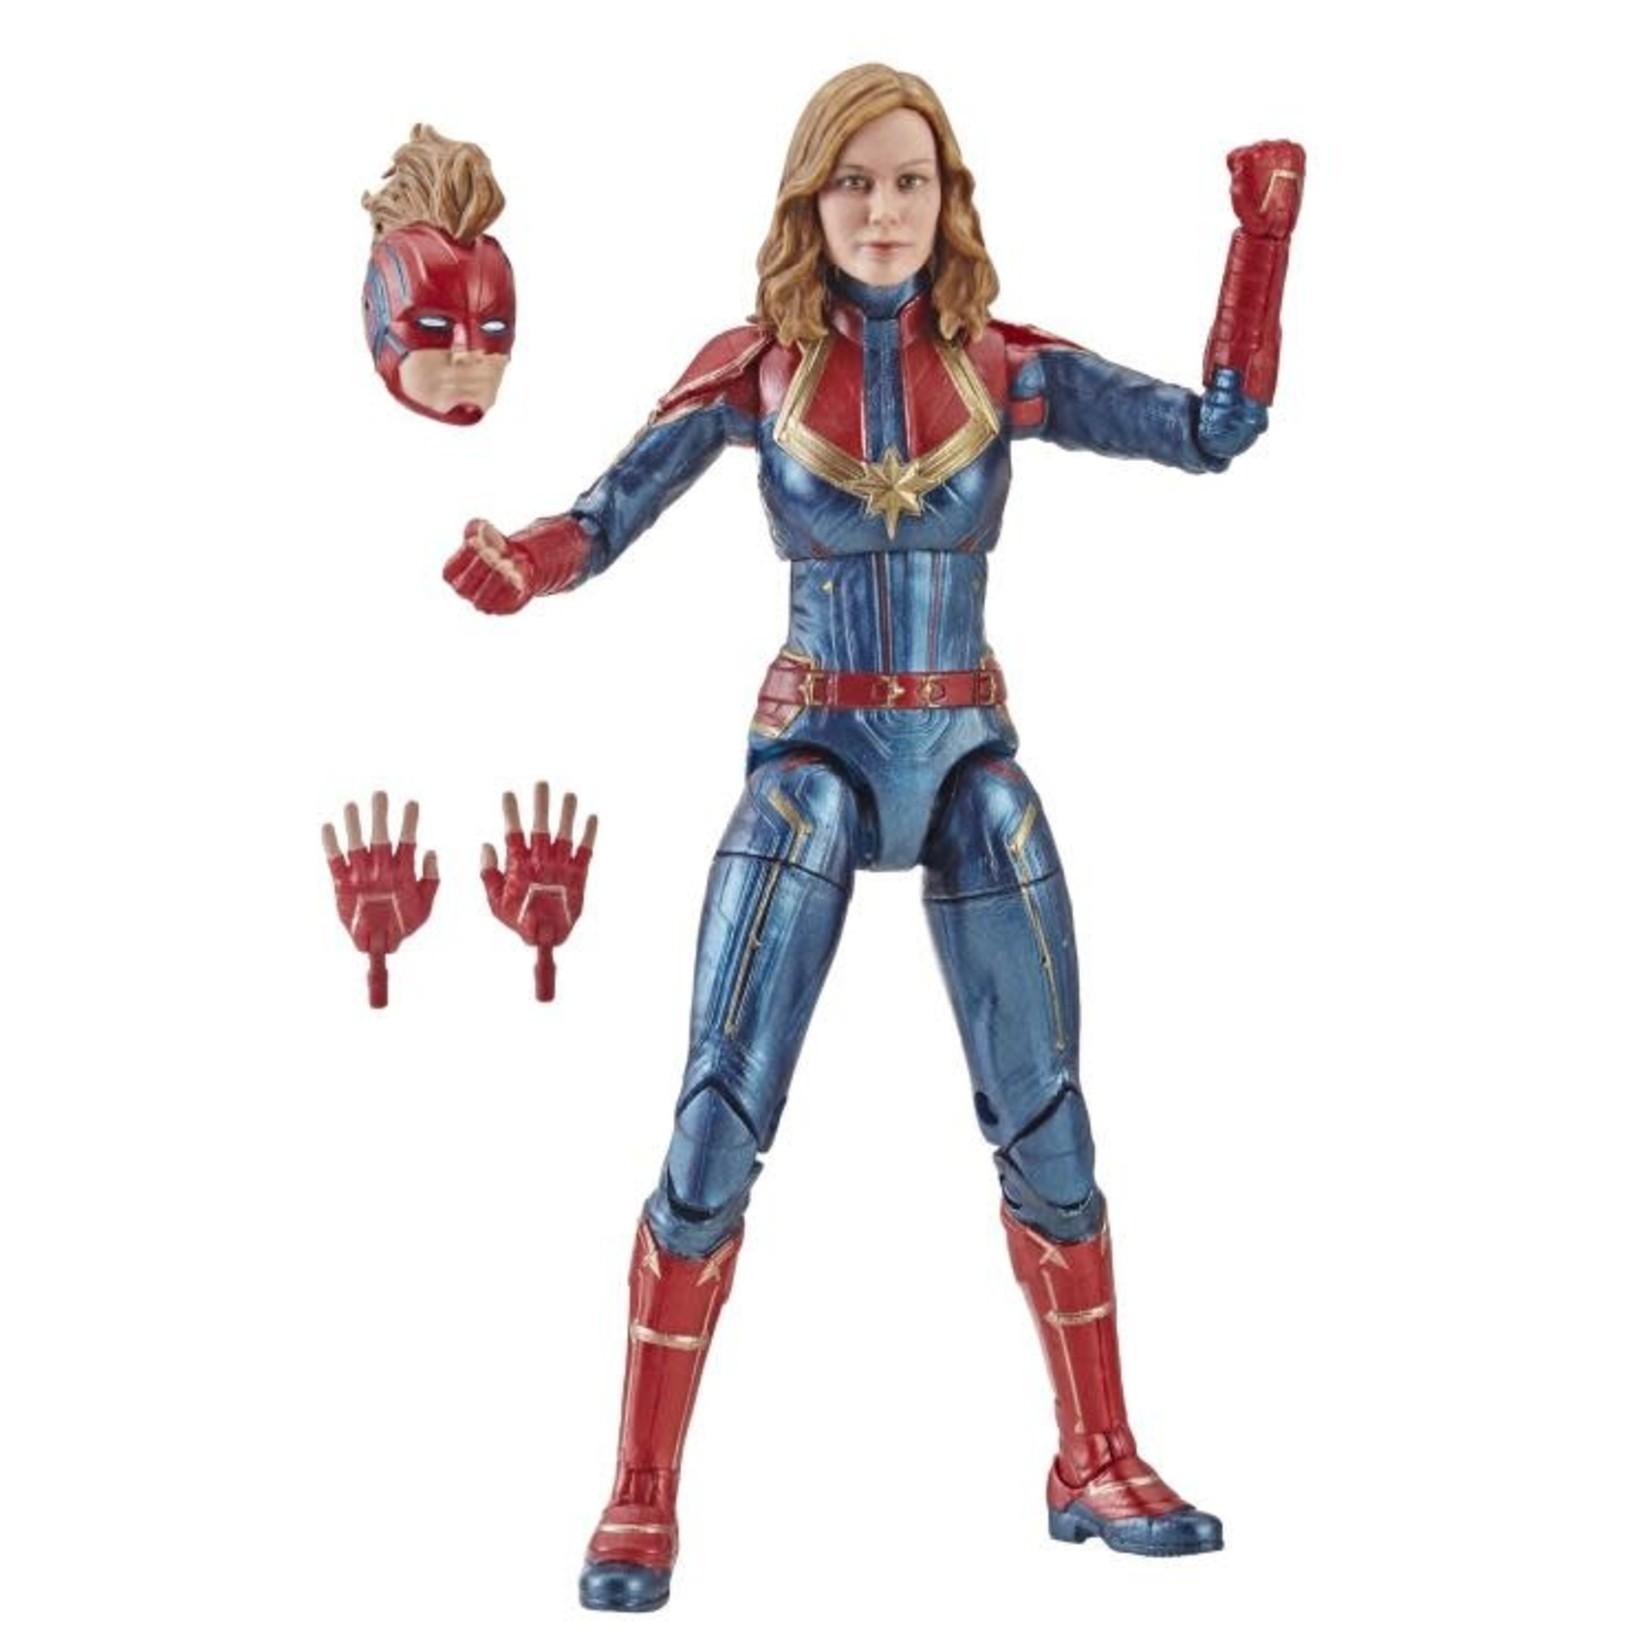 Hasbro Copy of Marvel Legends Captain Marvel Kree Sentry BAF - Talos